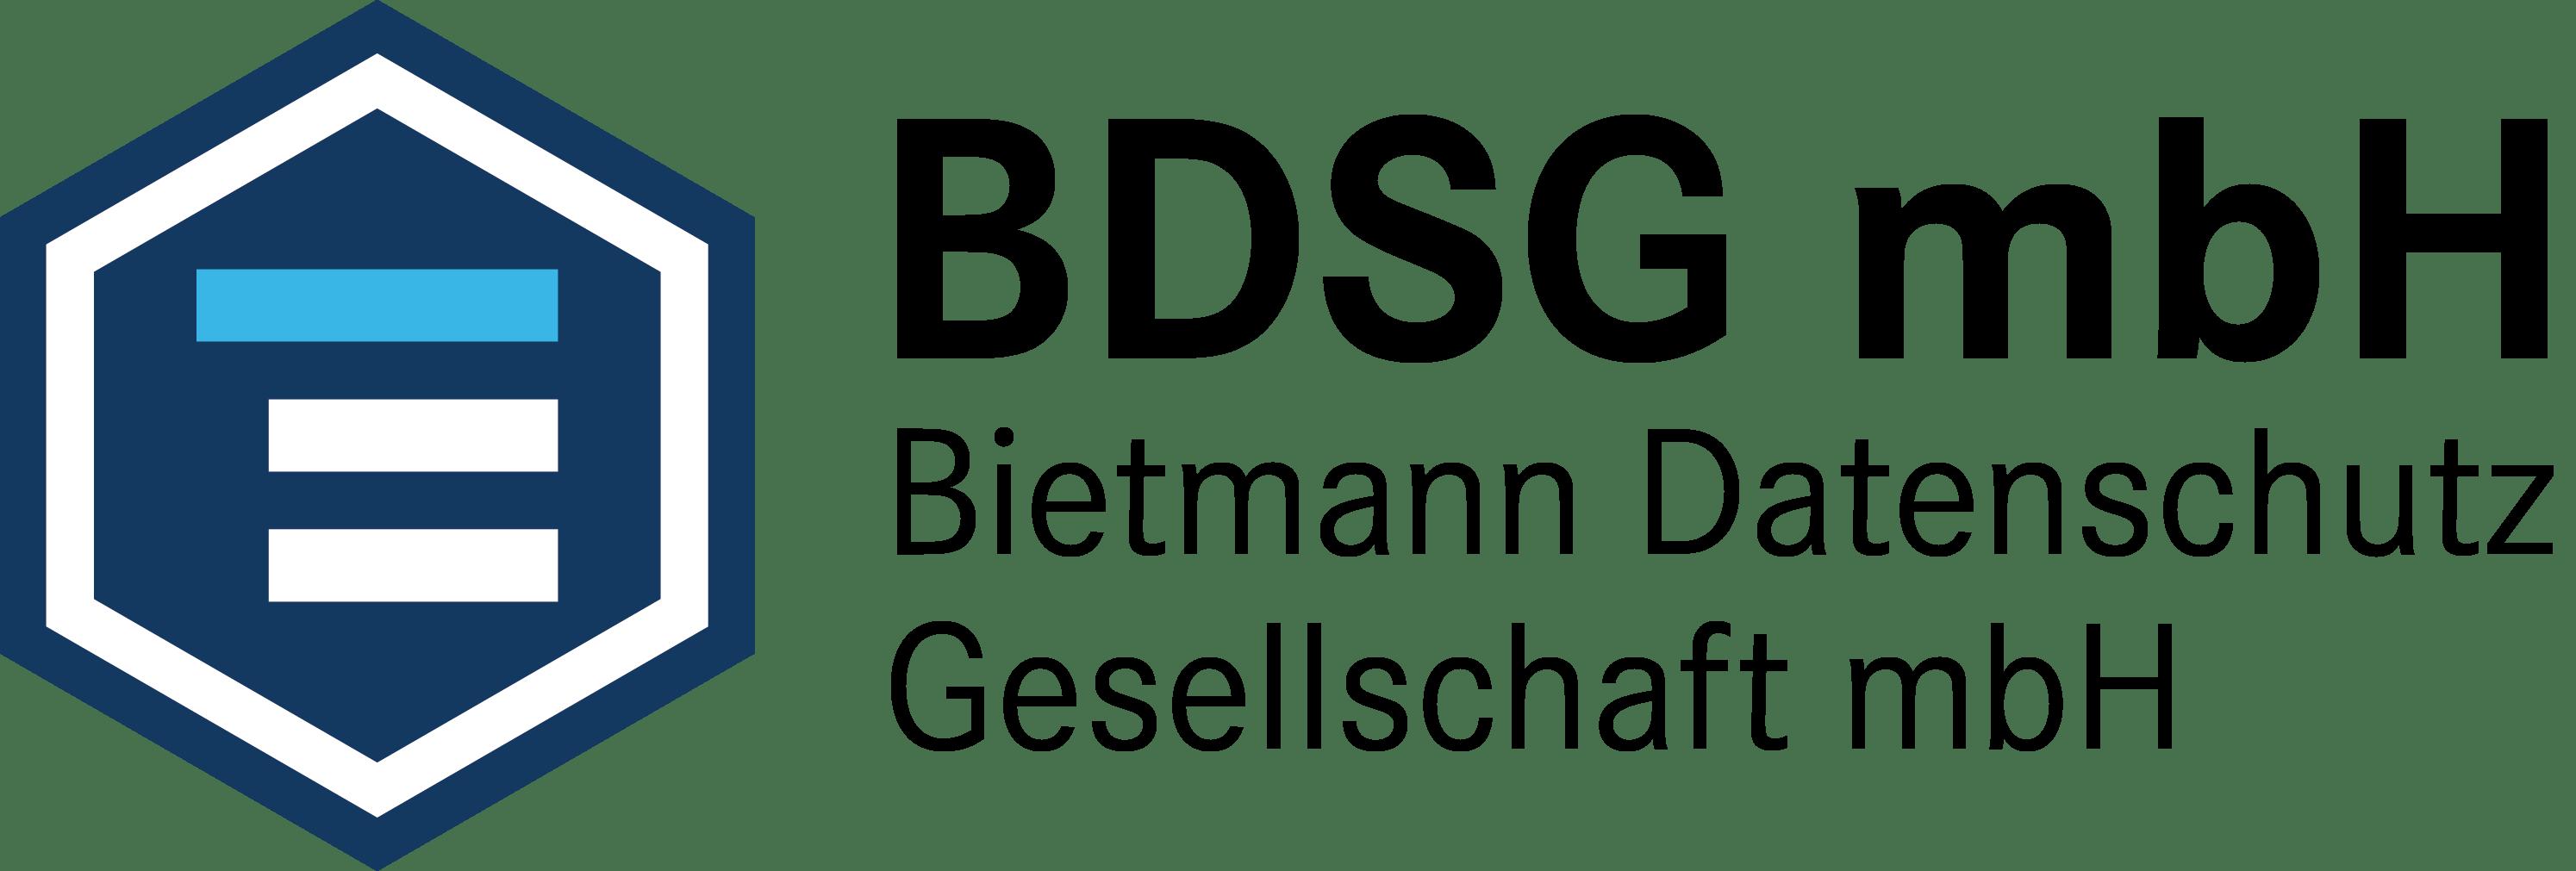 Logo BDSG Bietmann Datenschutz Gesellschaft mbH